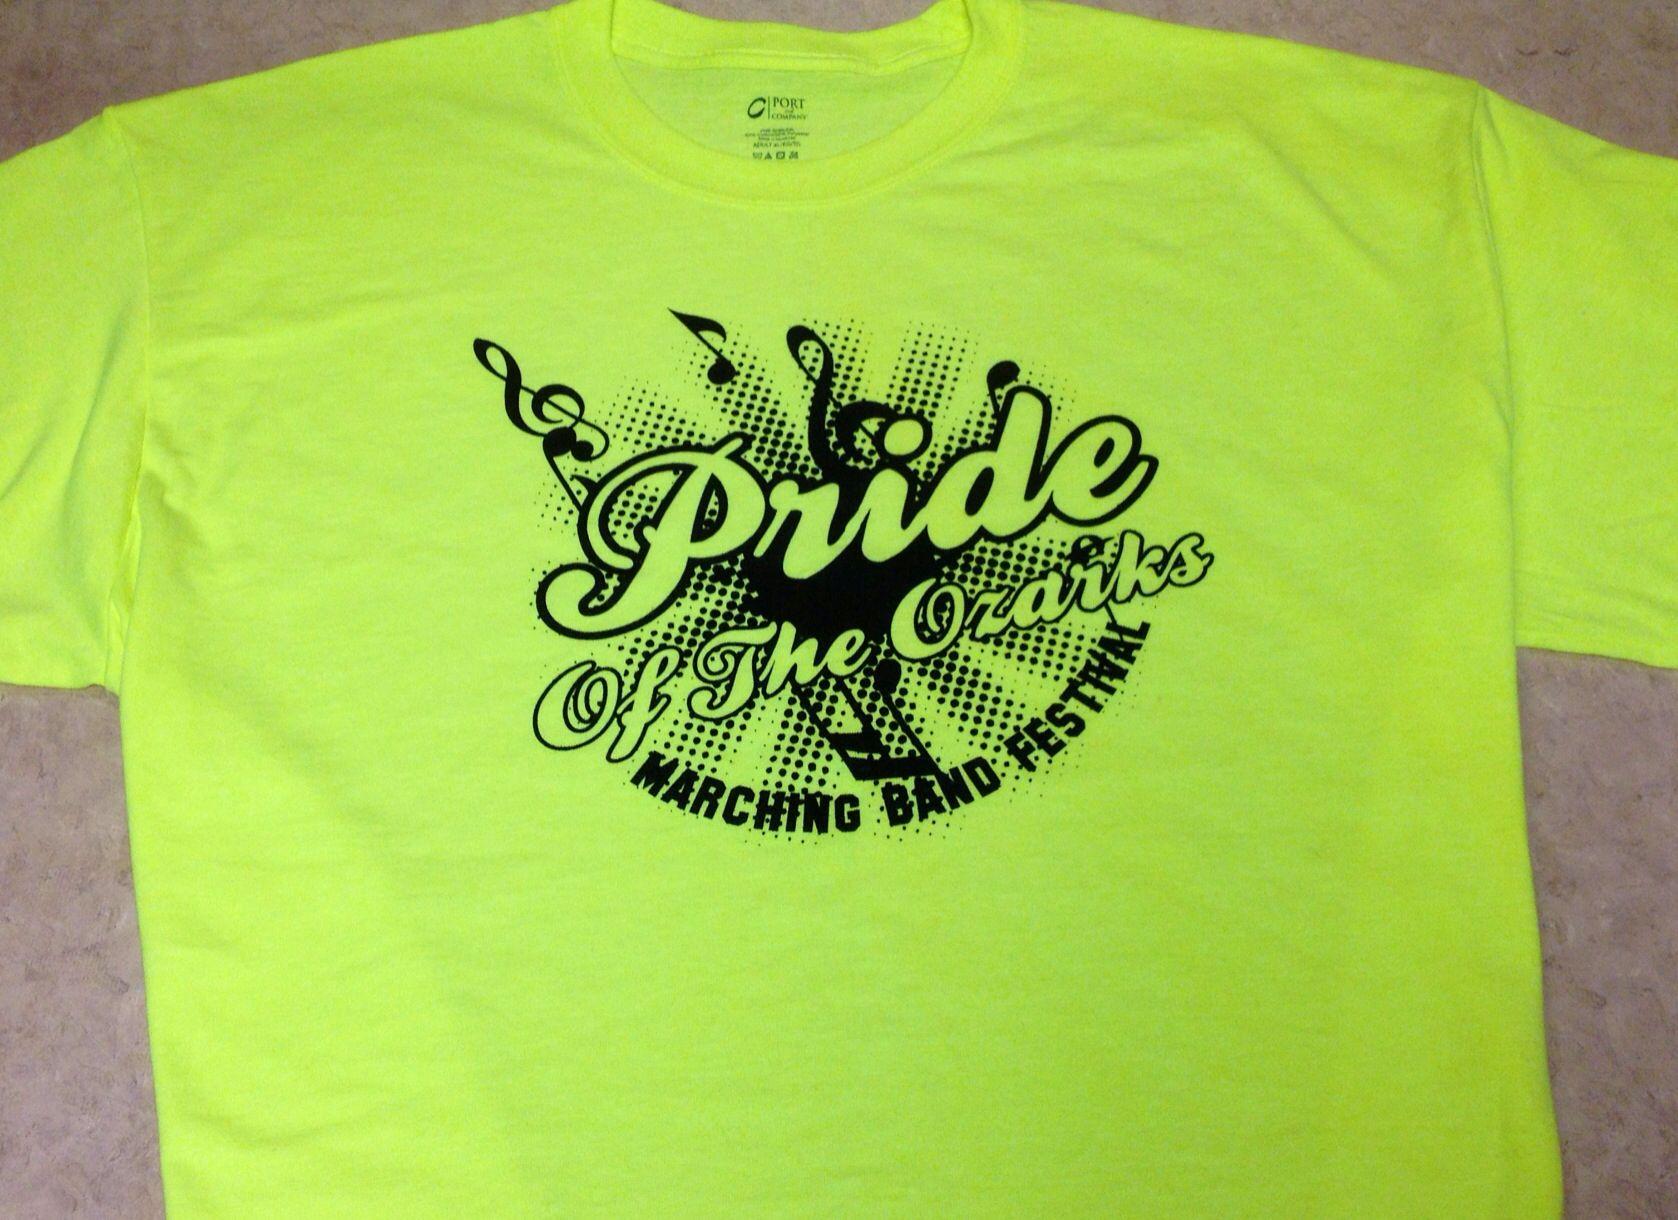 Pride Of The Ozarks Marching Band Festival Show Shirts Mens Tops Mens Tshirts Mens Graphic Tshirt